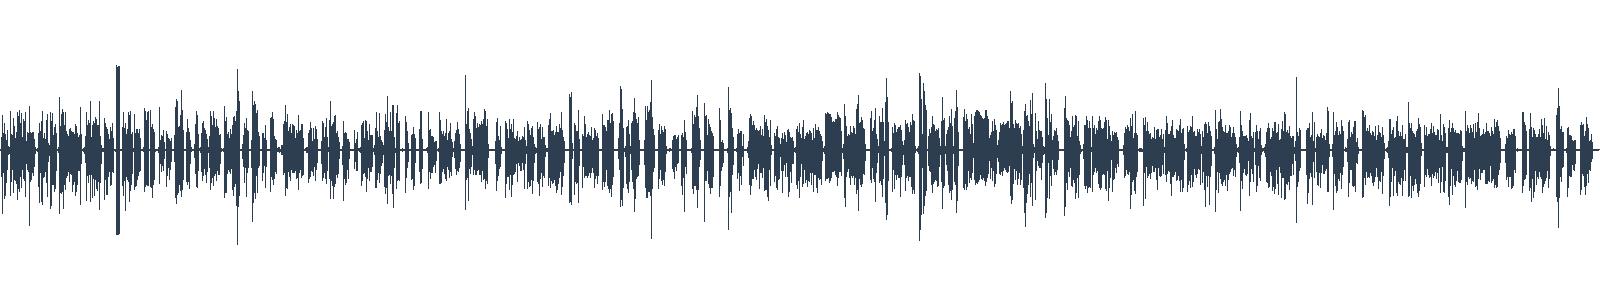 Tatko za mrežami waveform